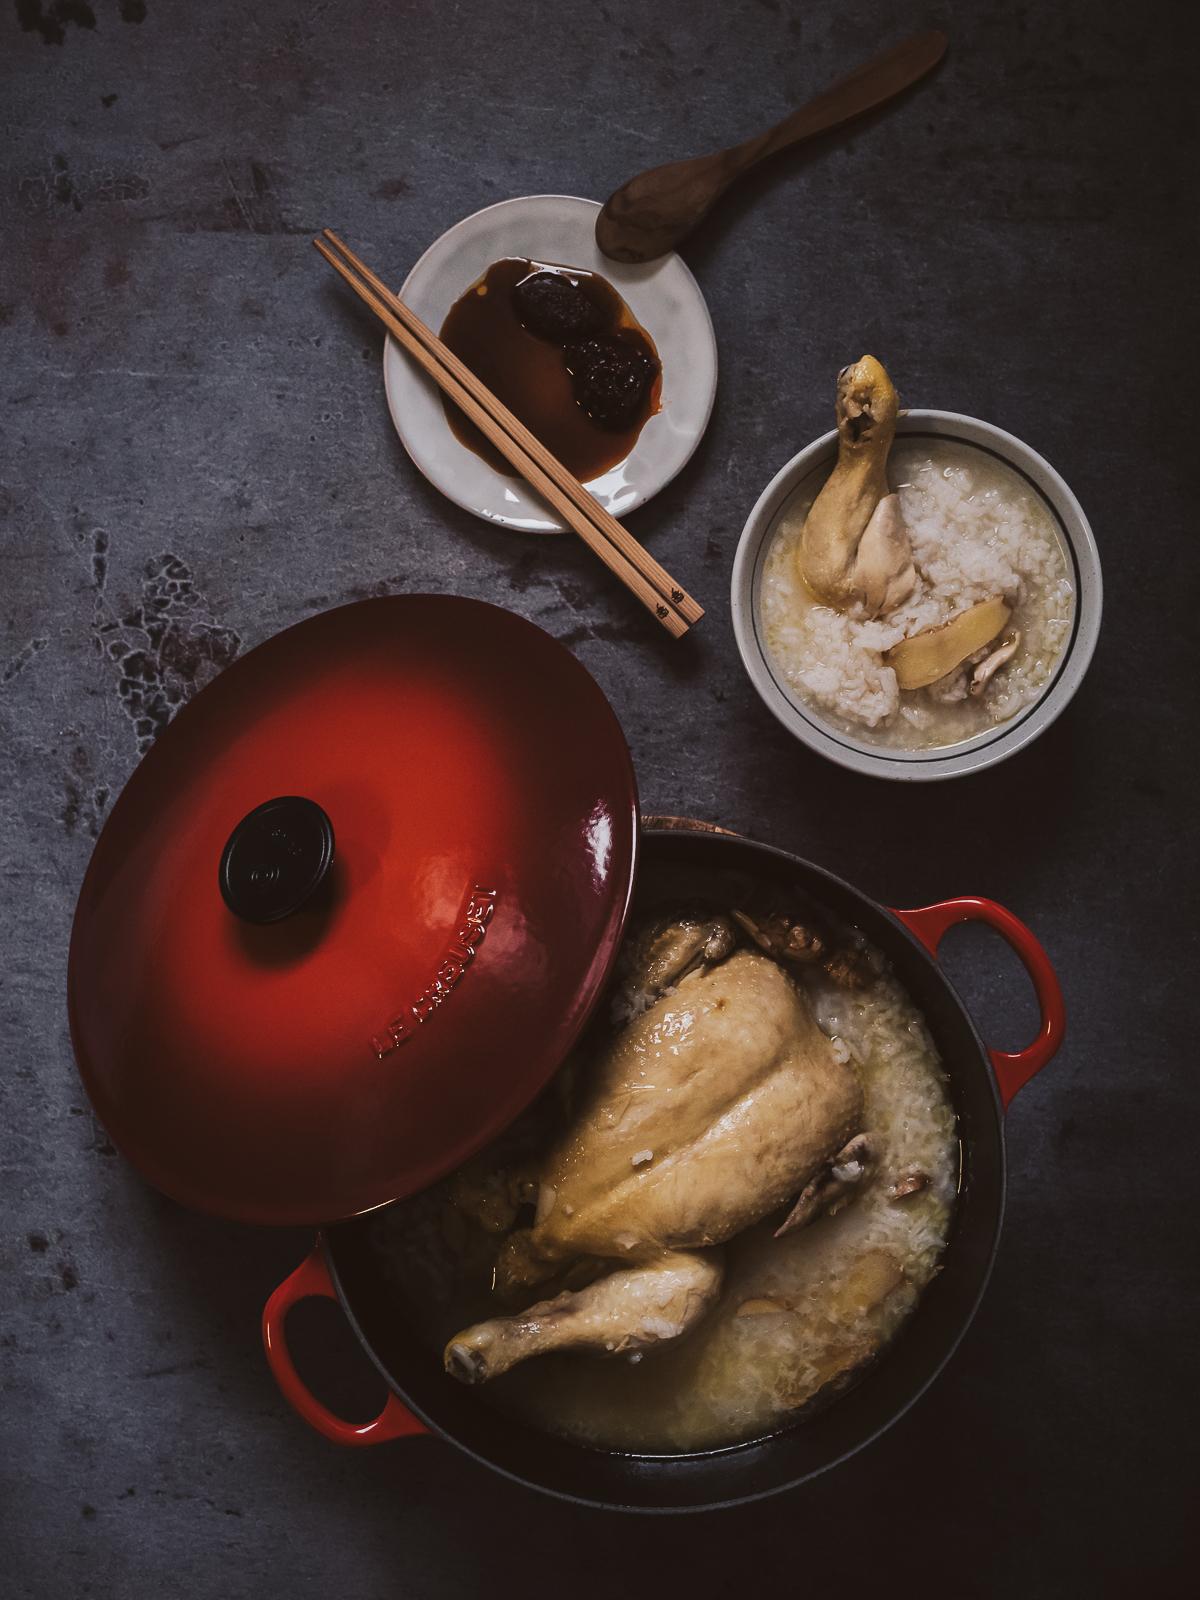 薑片雞粥 - Chicken porridge with ginger